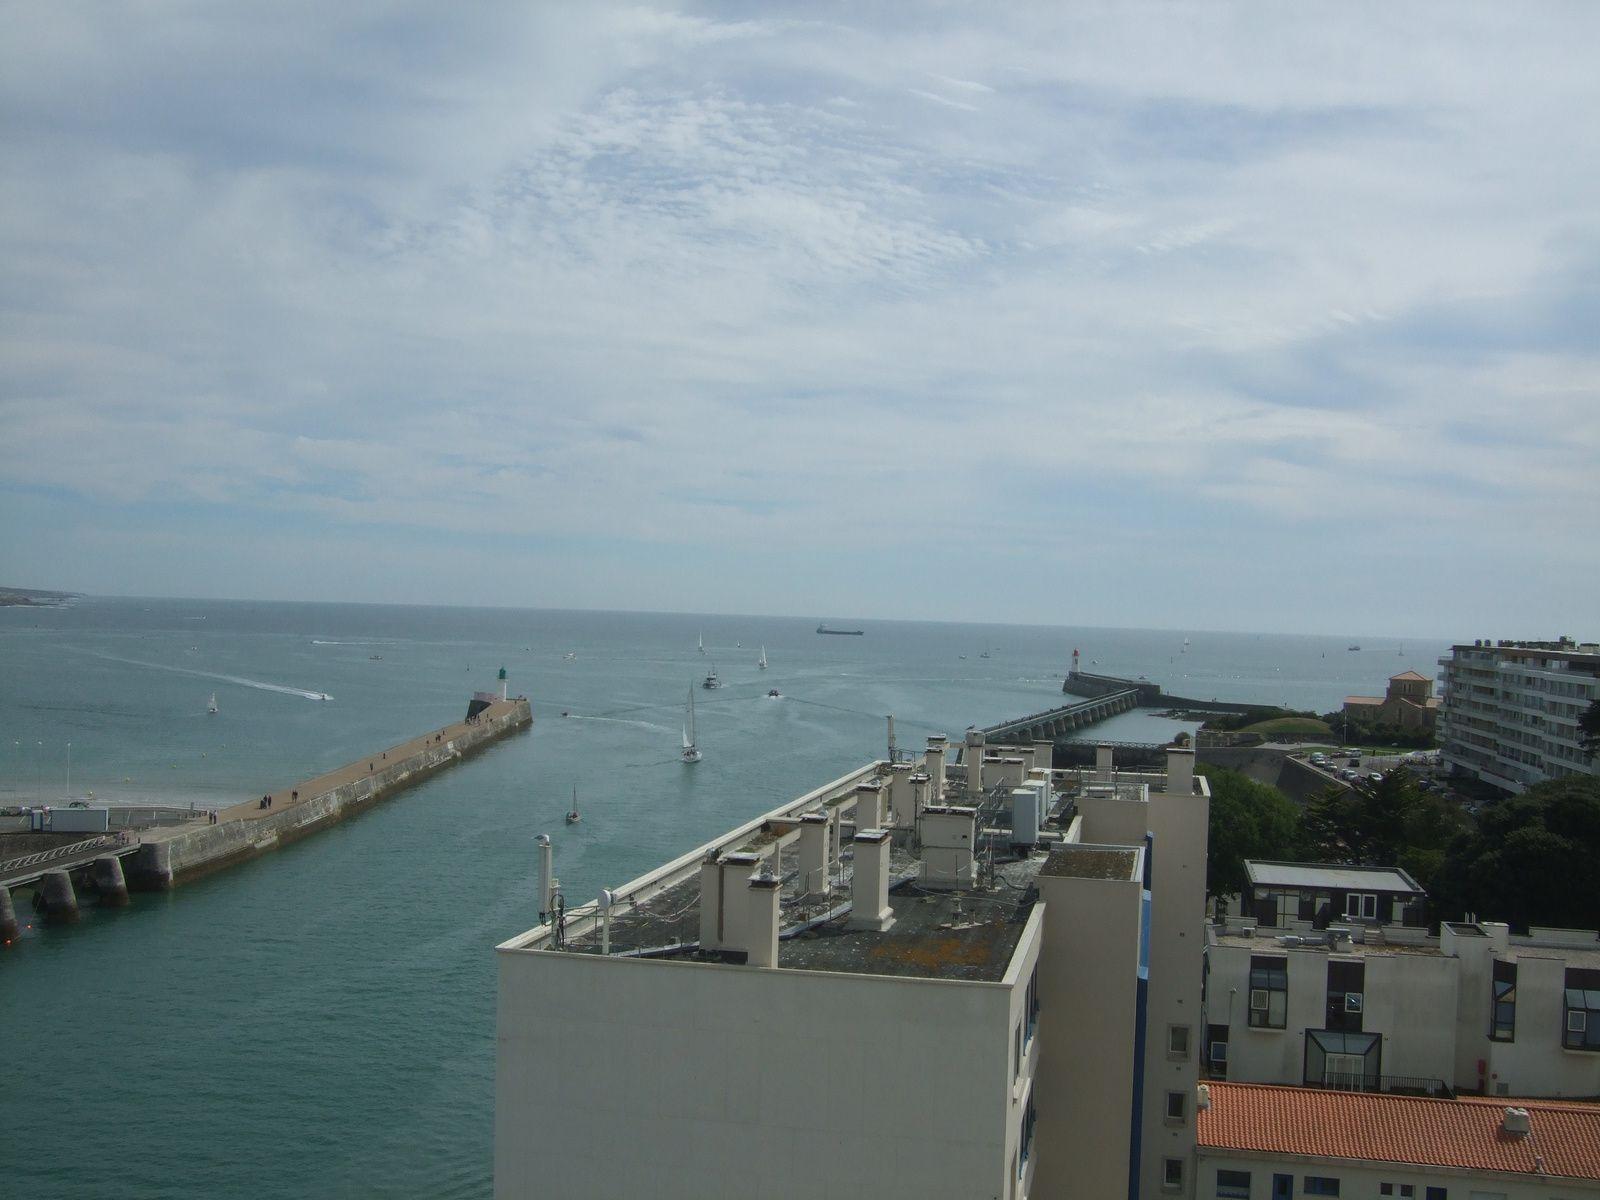 L'océan vous attend au sommet - photos prises en septembre 2012